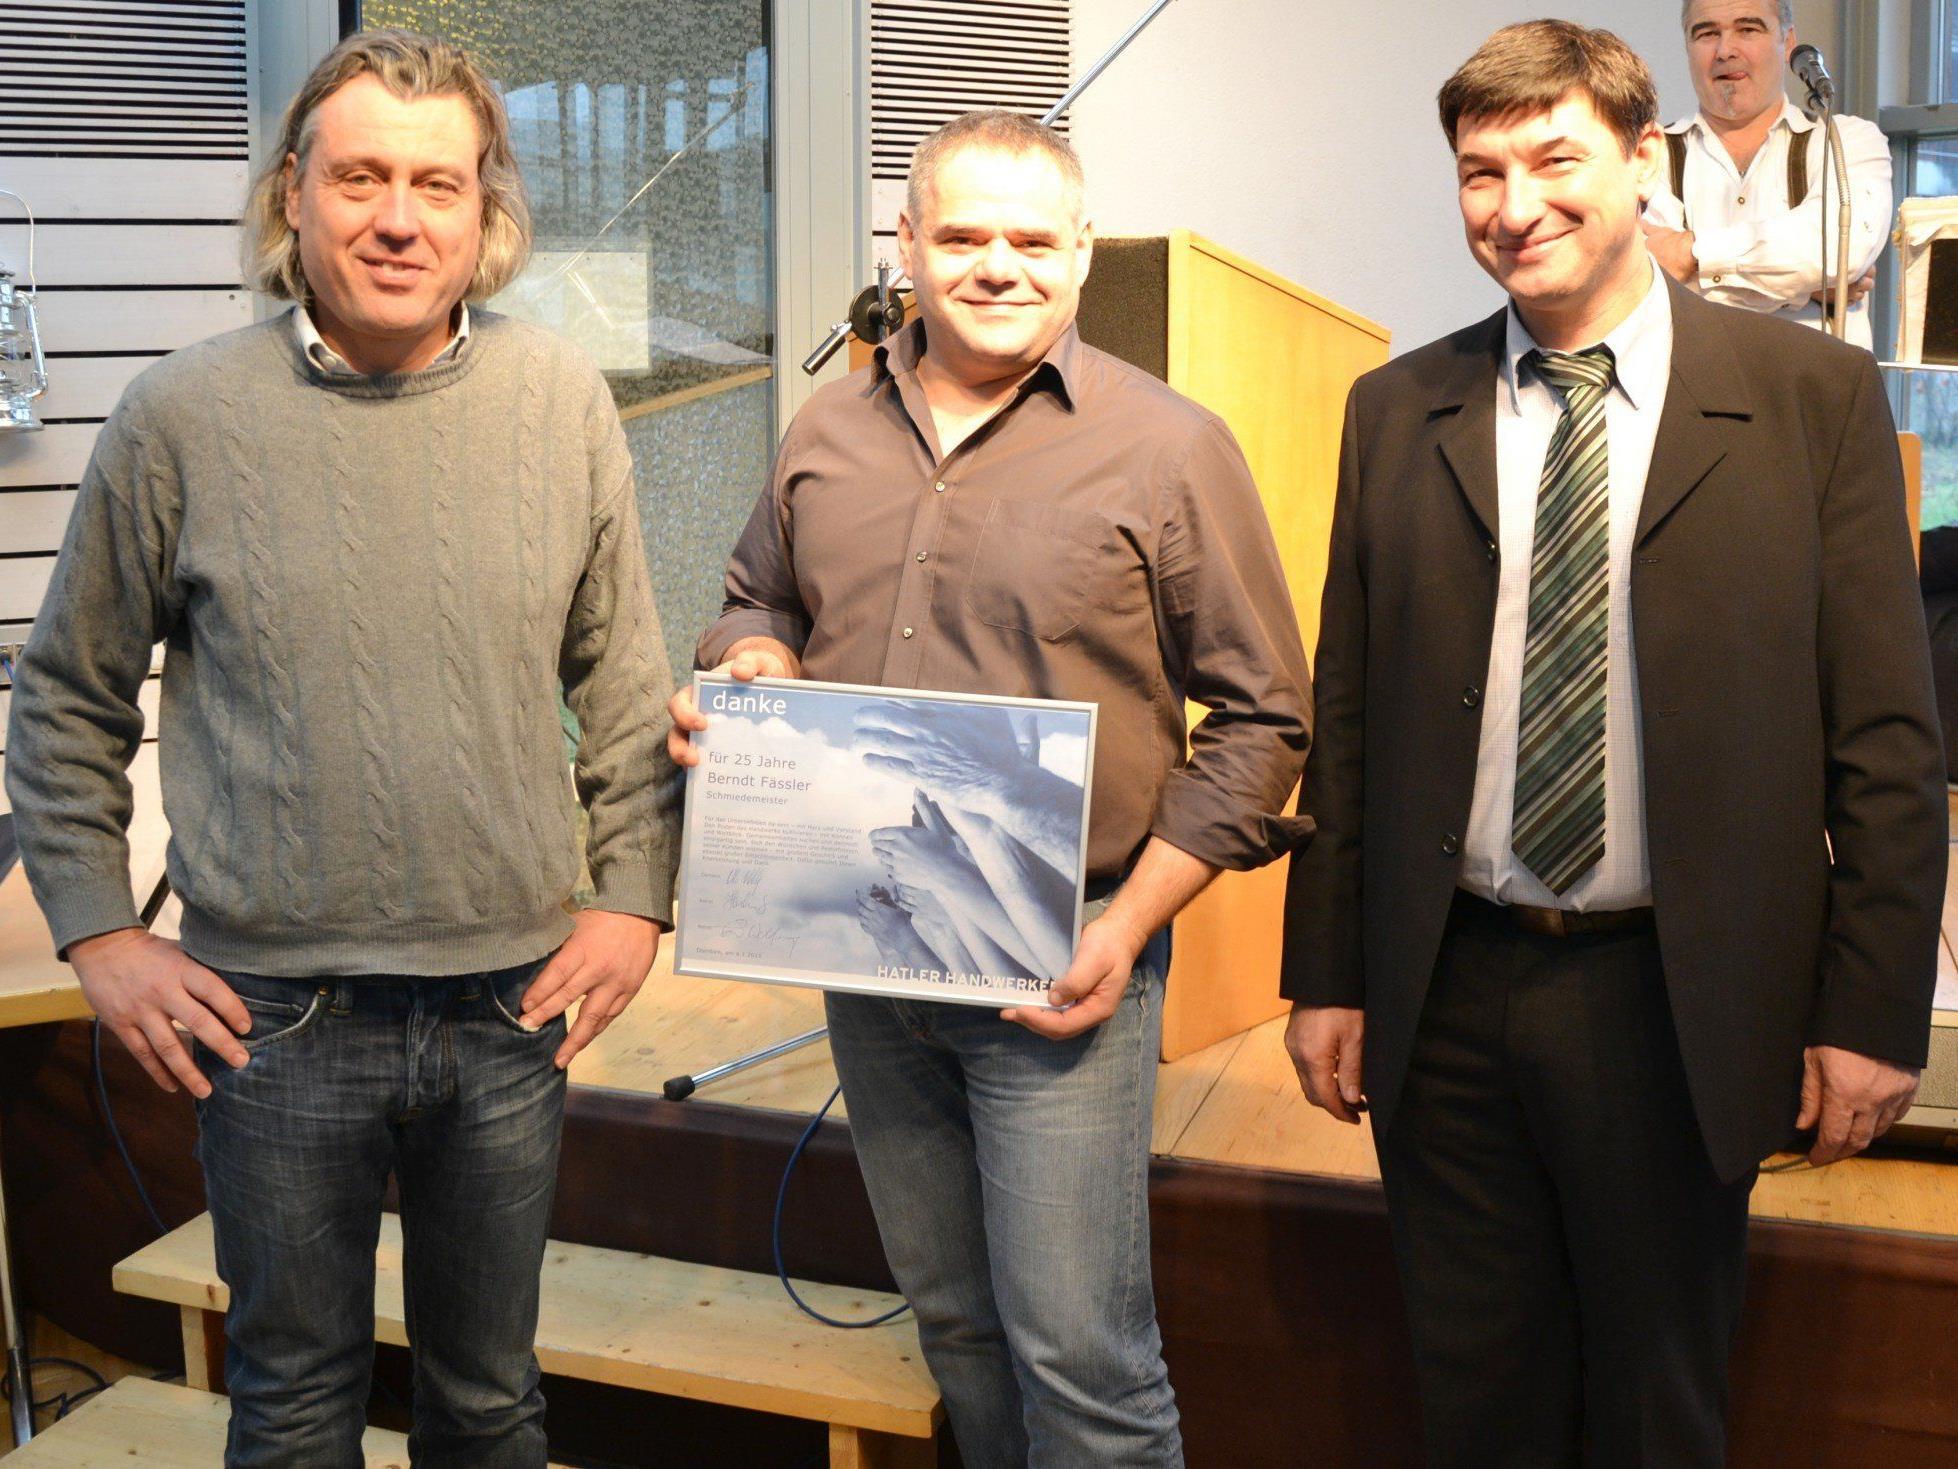 Schriftführer Markus Kalb, Jubilar Berndt Fässler und Obmann Otto Wohlgenannt (v.l.)